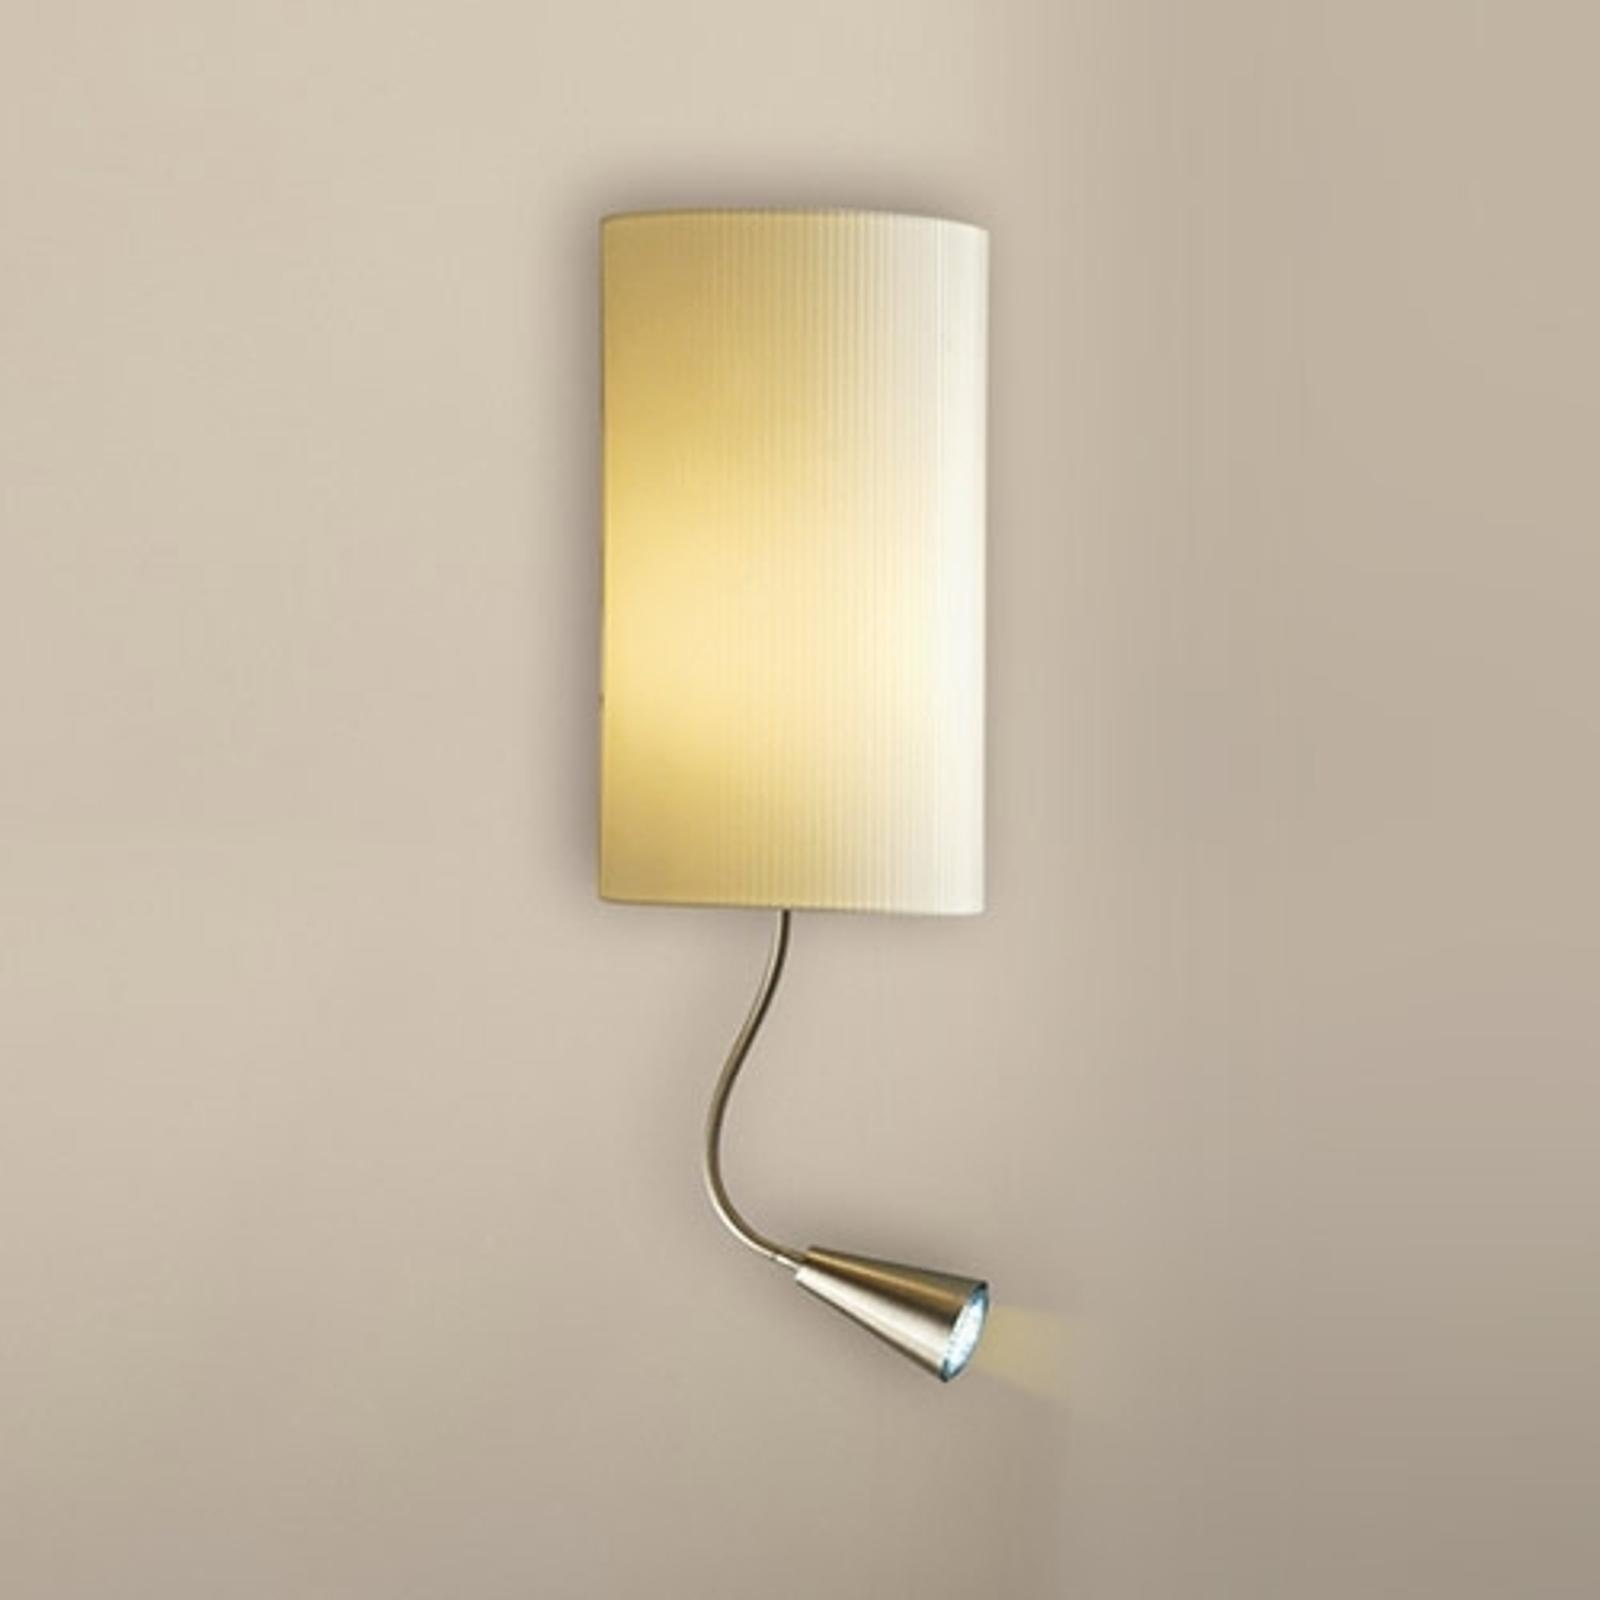 Lampa ścienna BENITO z ramieniem LED